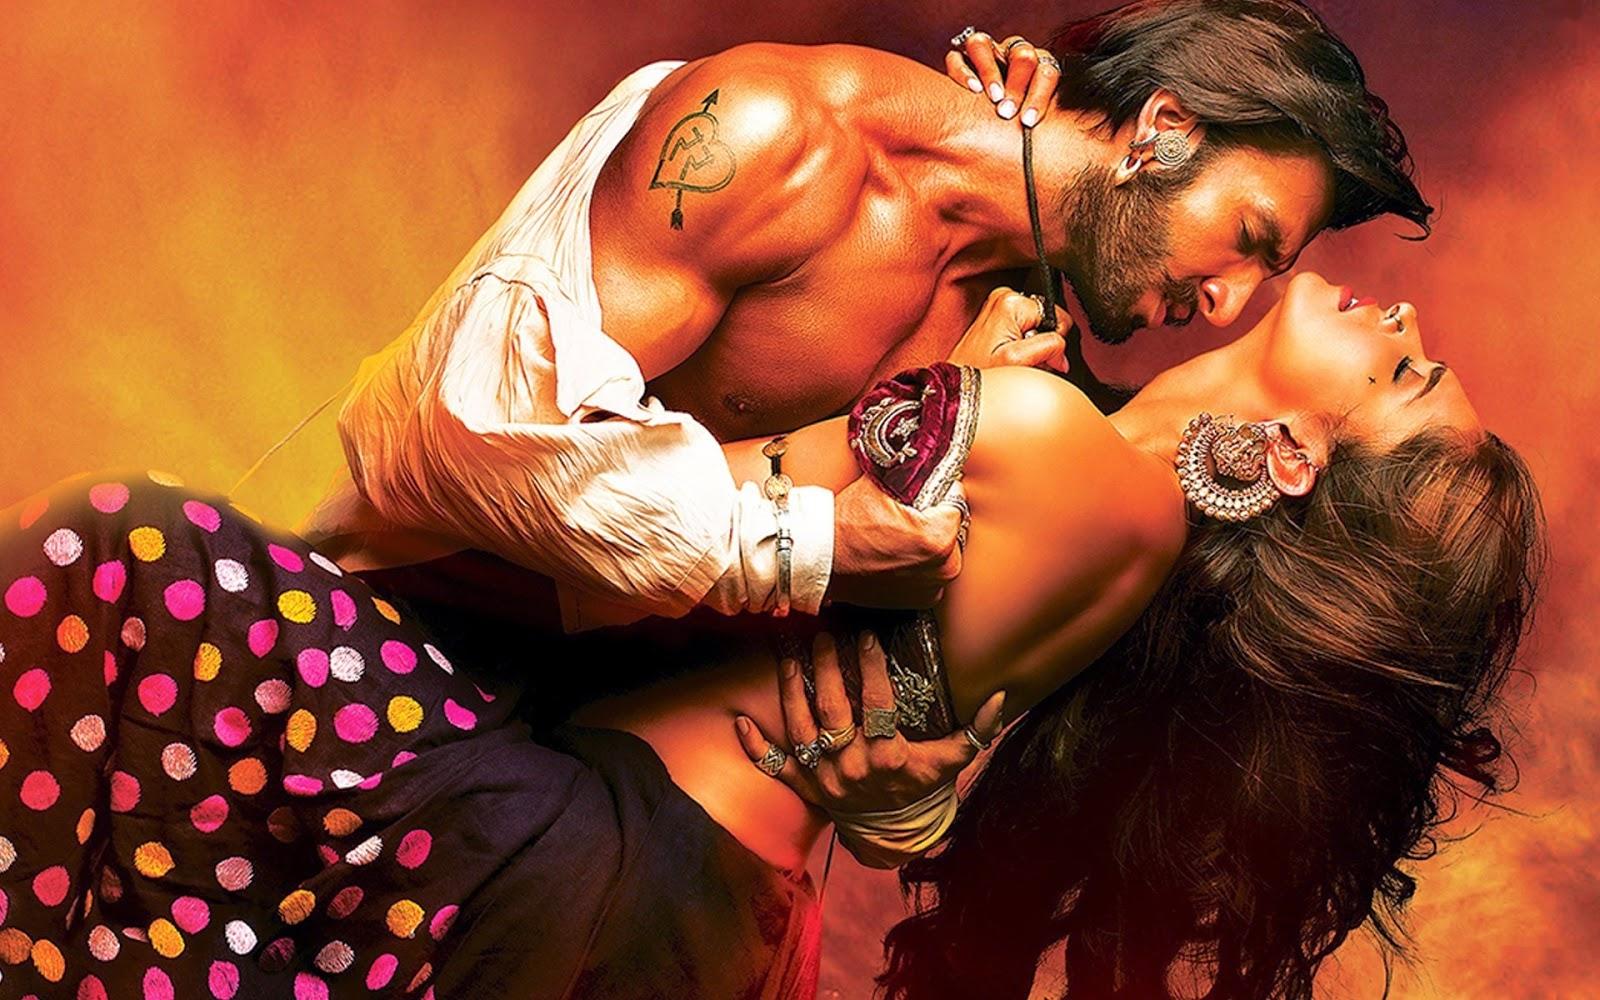 Hot Deepika Padukone and Ranvir Singh from Ramleela Movie